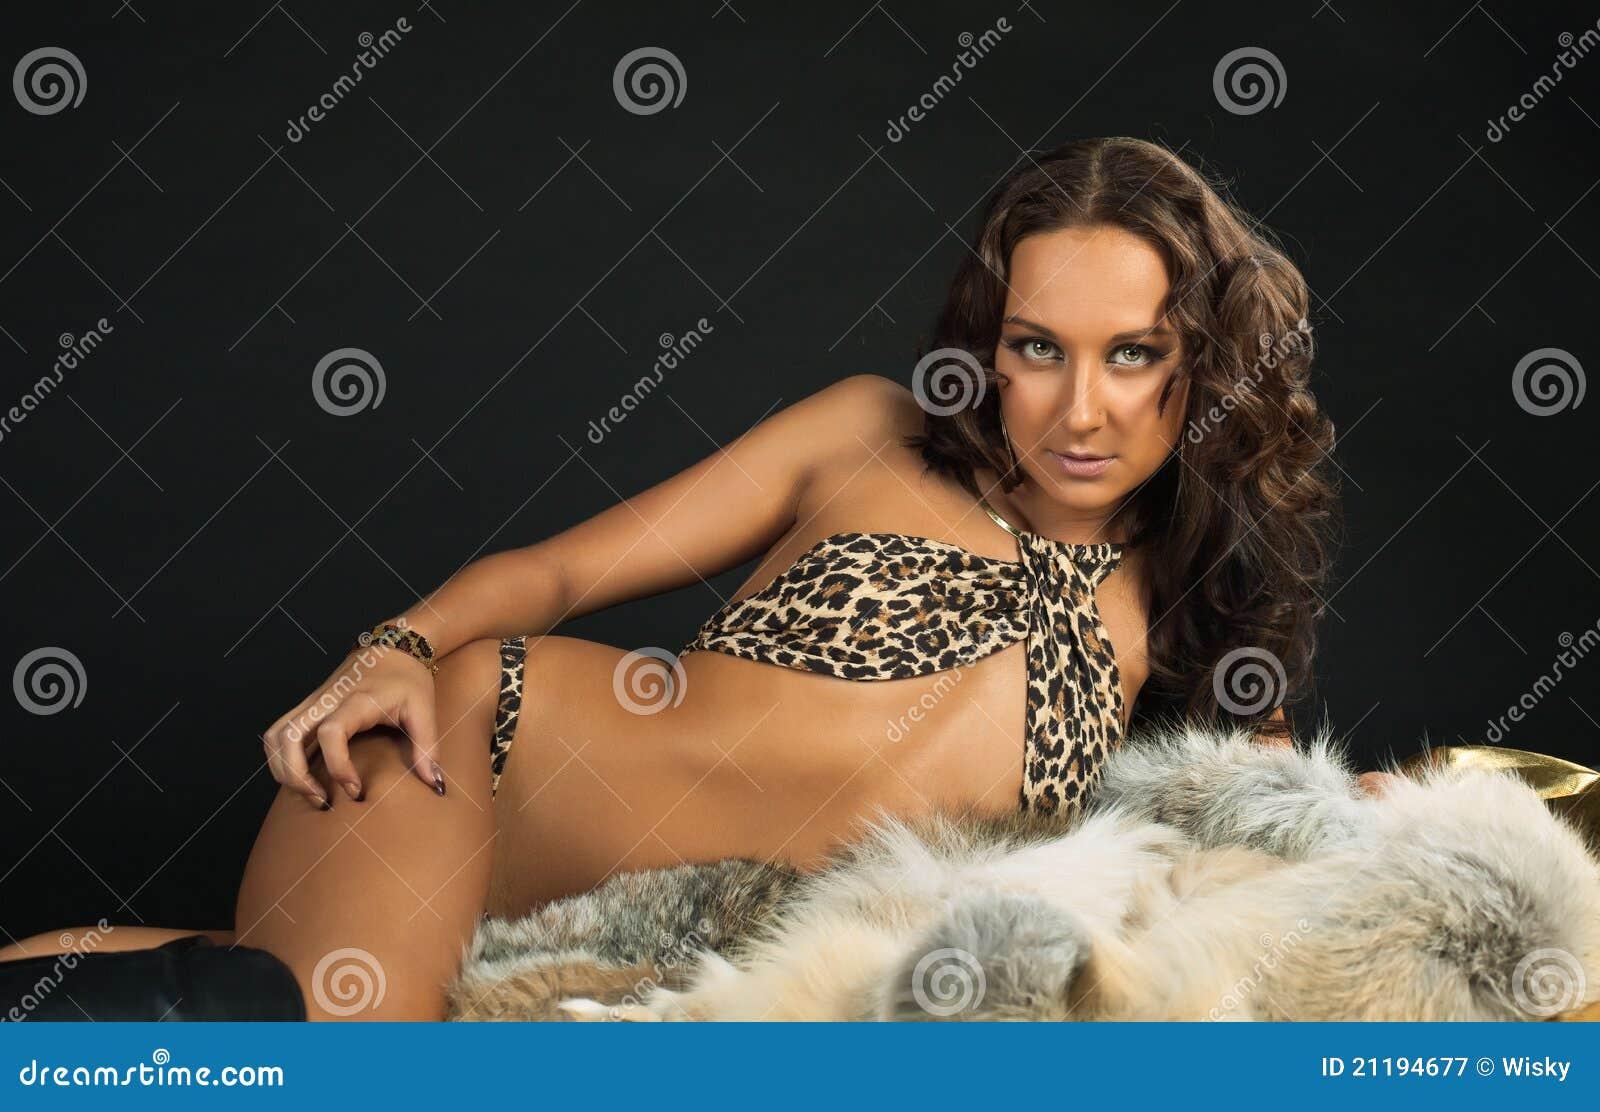 Beauty woman in leopard bra portrait on fur